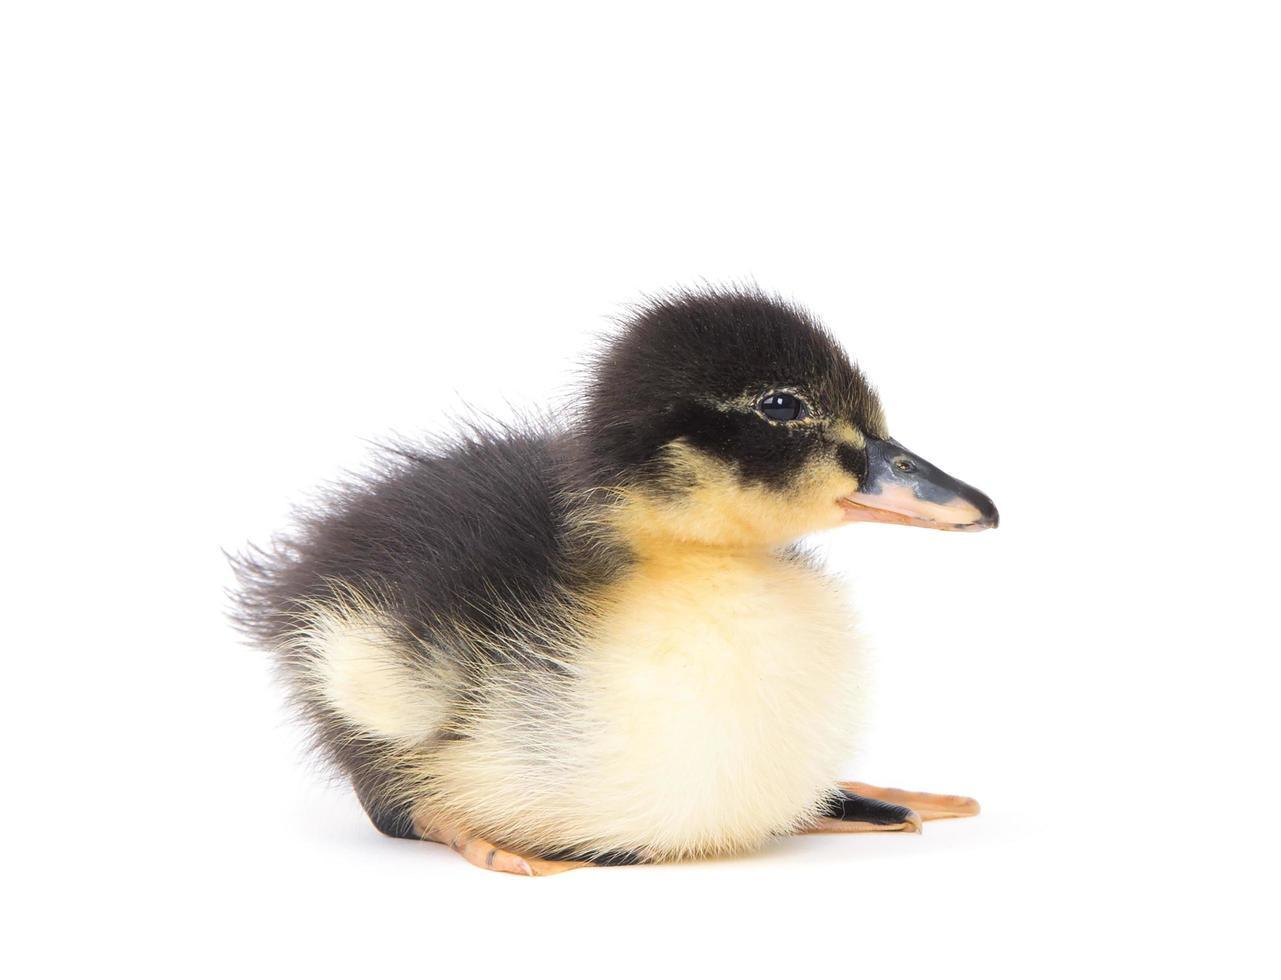 söt liten nyfödd fluffig ankung foto